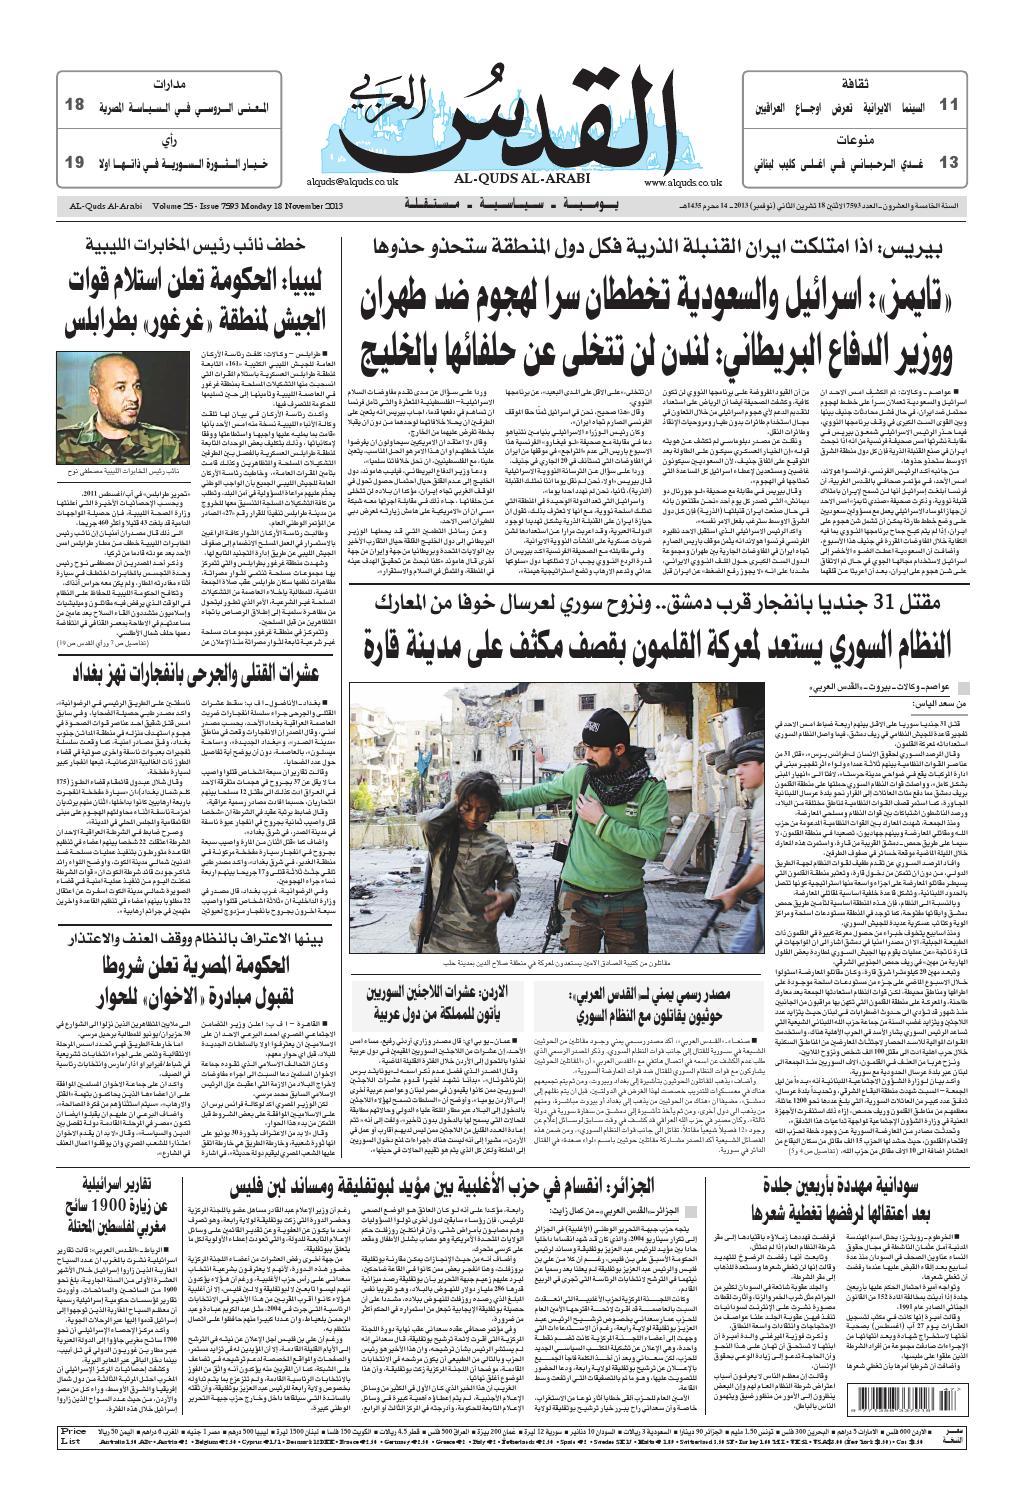 17780a6a2 صحيفة القدس العربي , الإثنين 18 11 2013 by مركز الحدث - issuu